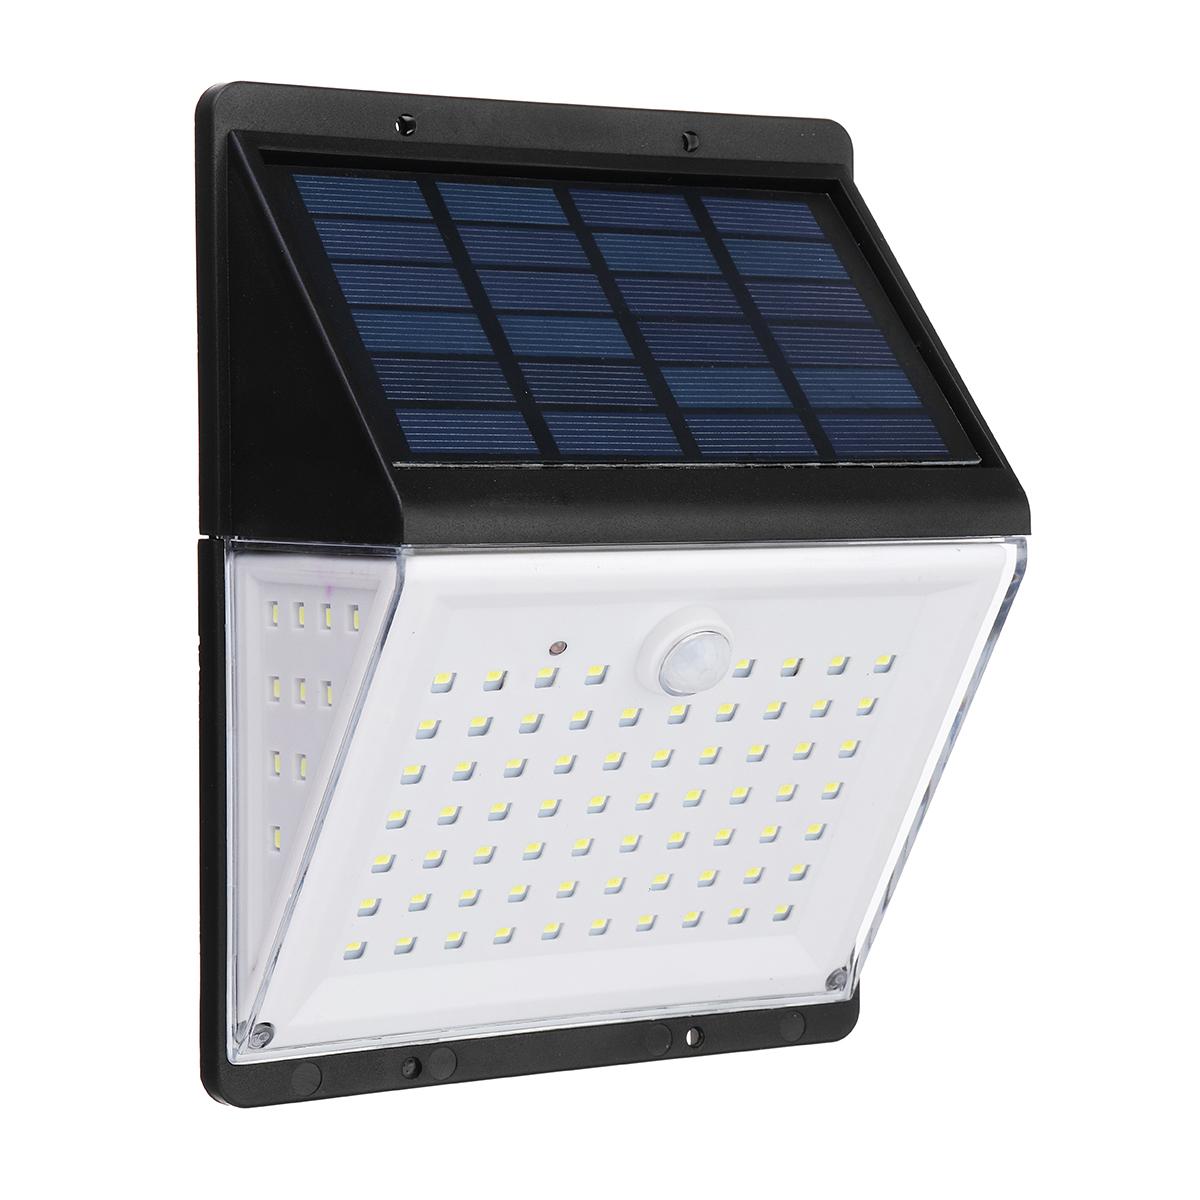 Шт 88 LED Солнечная Power Light PIR Motion Датчик Сад Безопасность На открытом воздухе Двор Стена Лампа